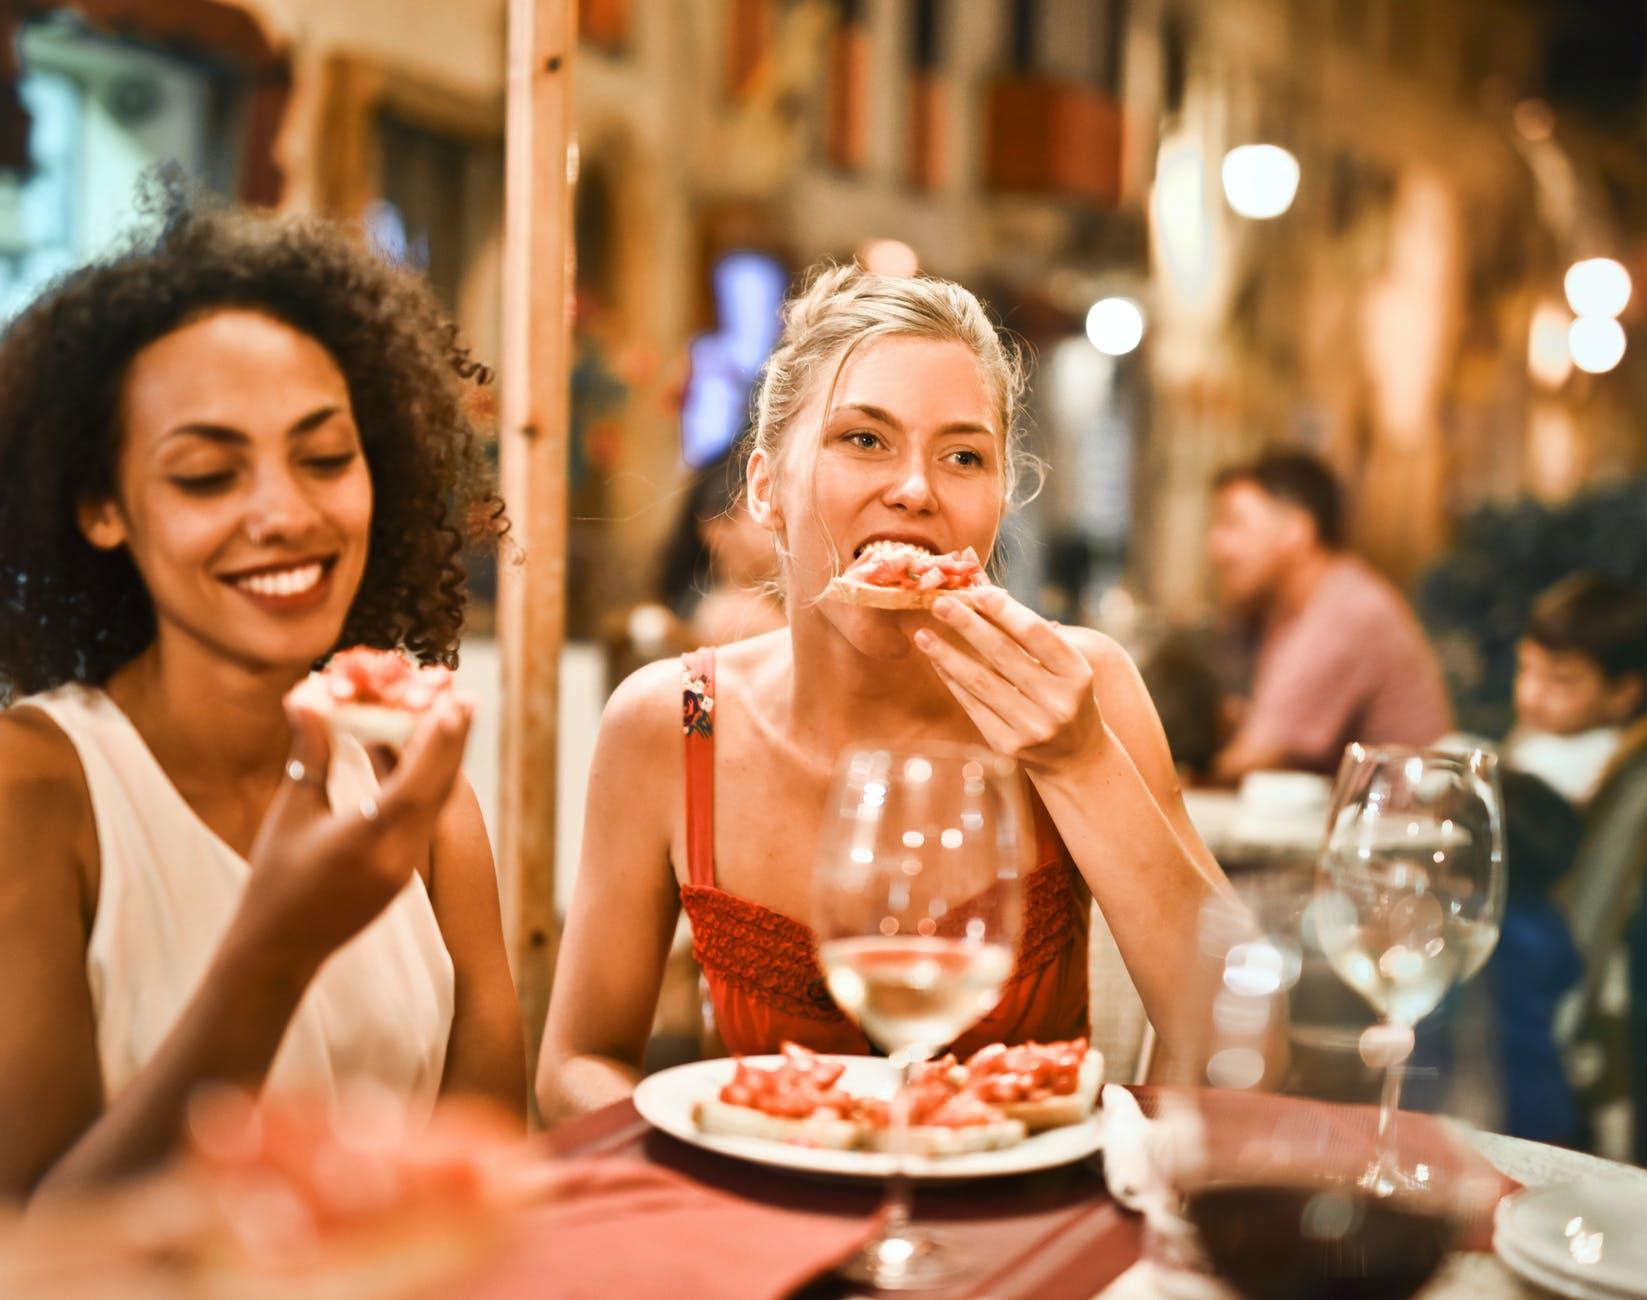 Cử chỉ, cách ăn uống thể hiện sự lịch sự; phép lịch sự tối thiểu ai cũng nên biết; phep lich su; phép lịch sự trong giao tiếp; phép lịch sự trong ăn uống